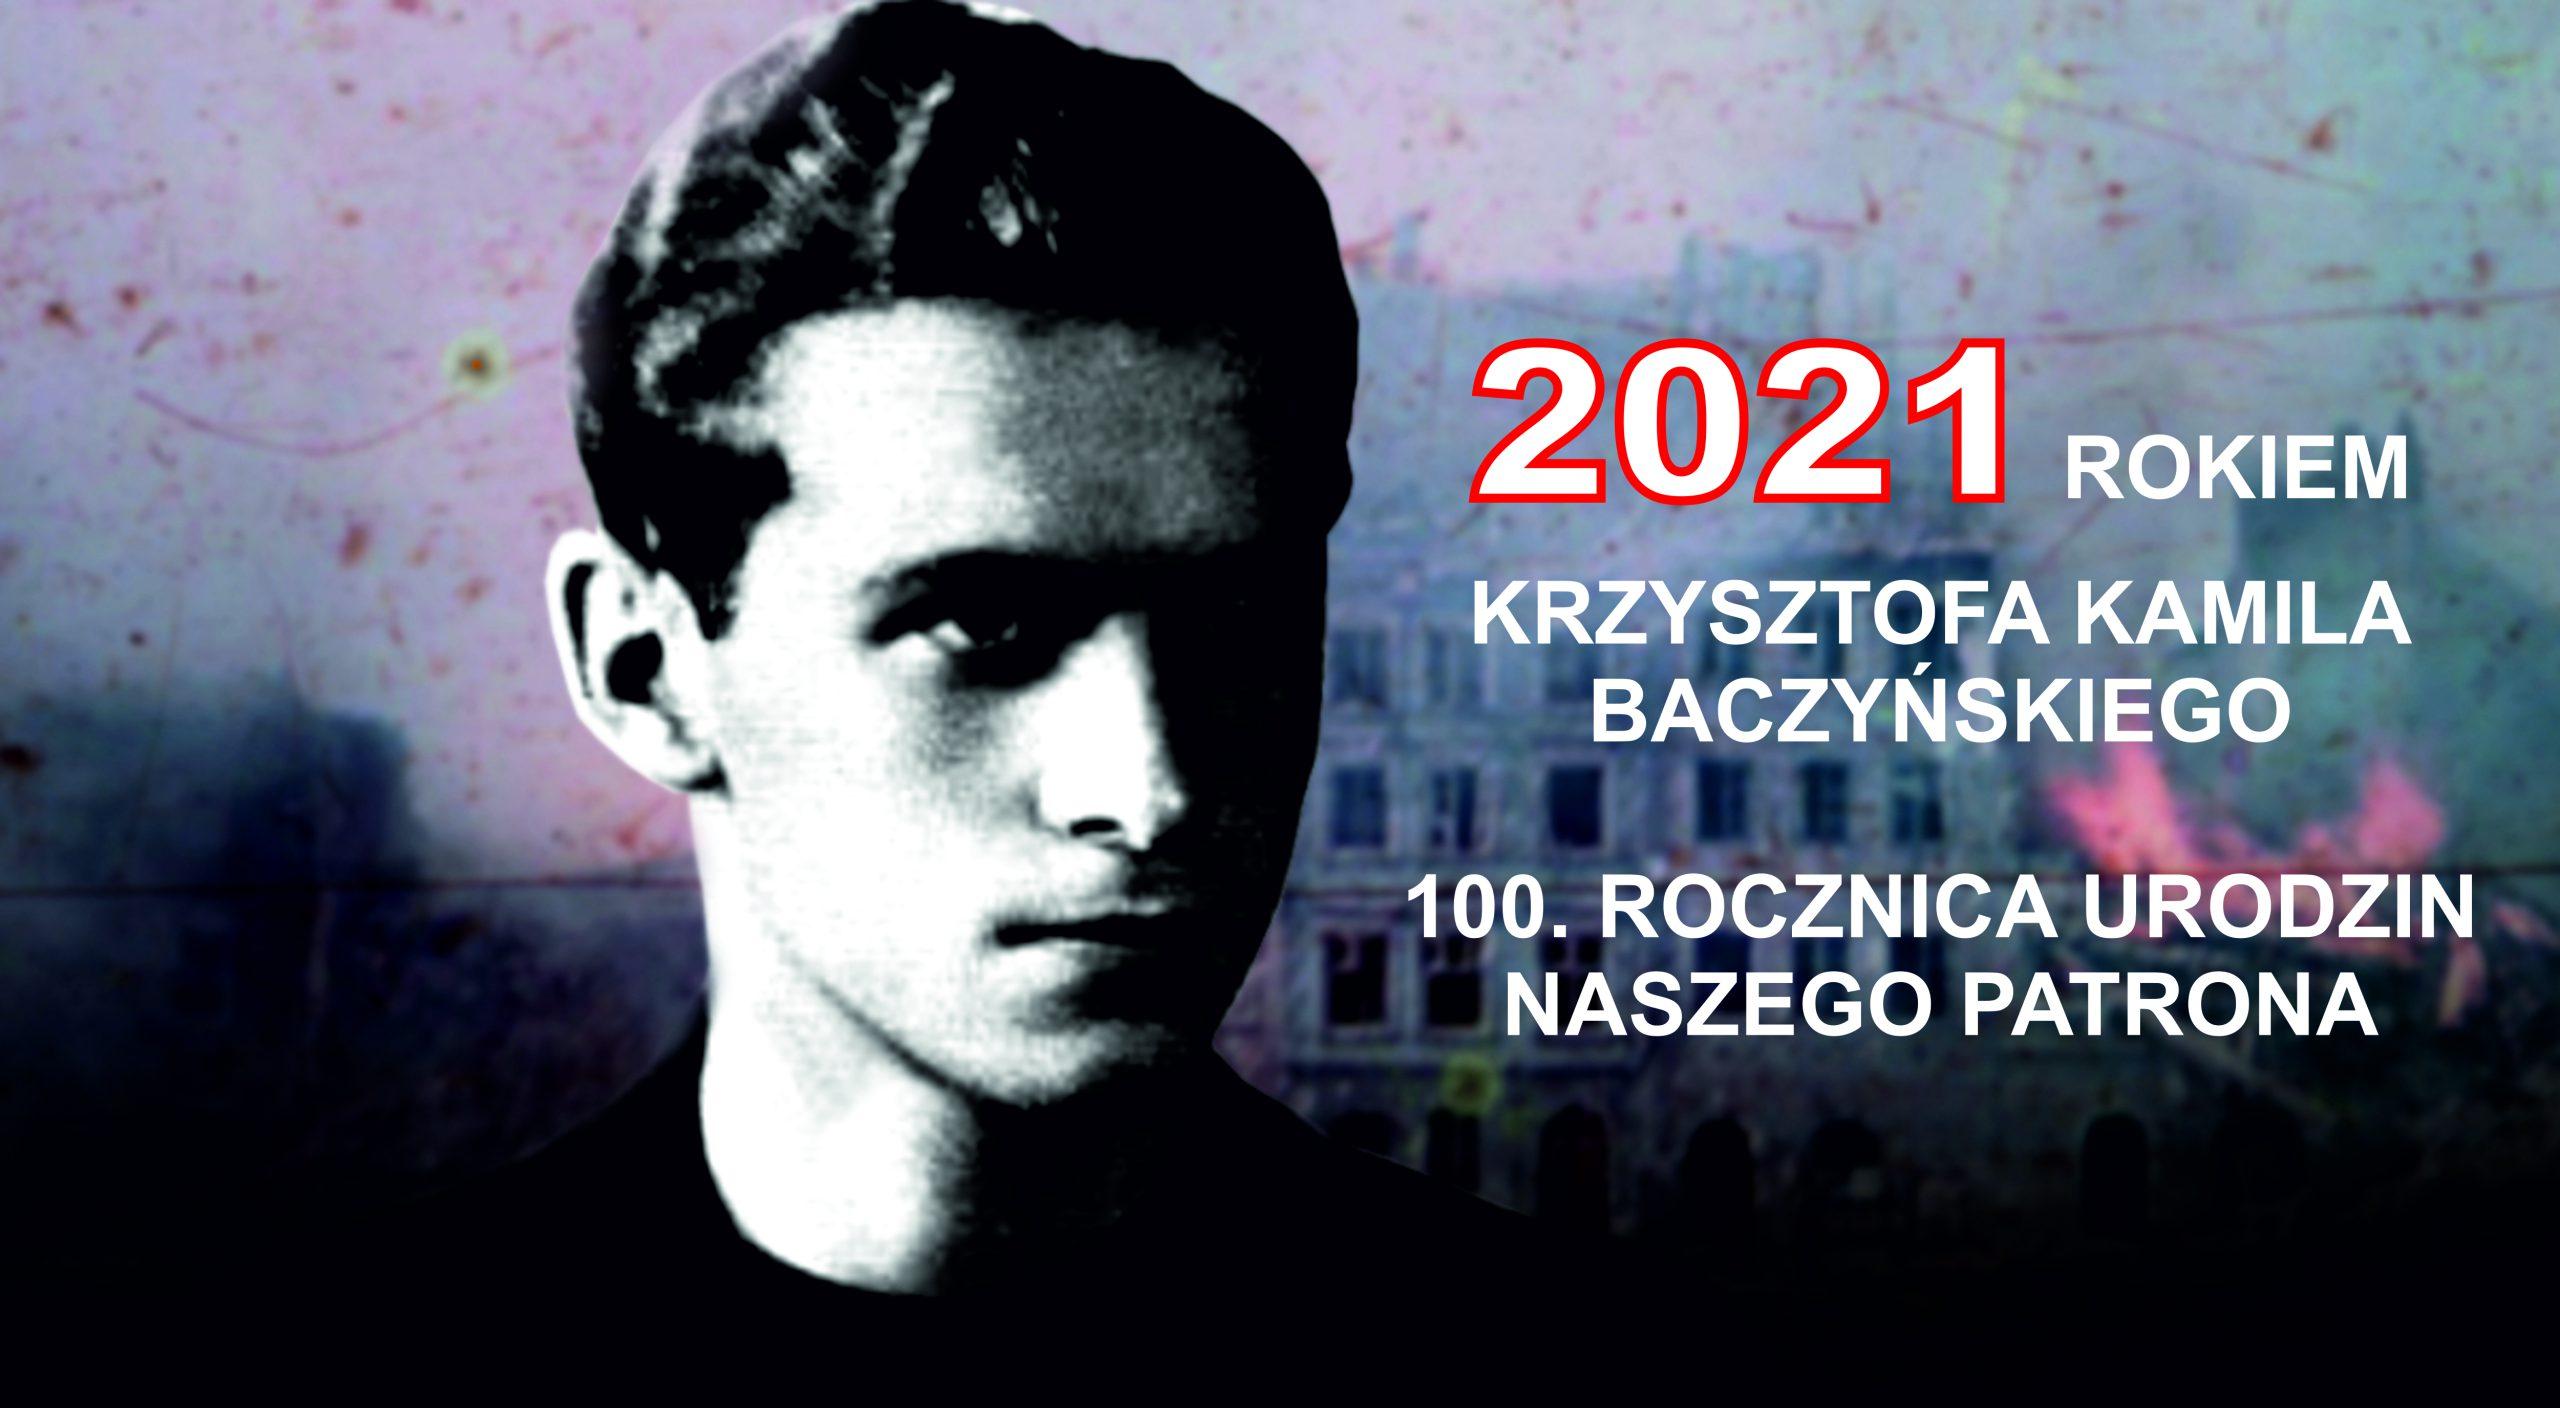 """Krzysztof Kamil Baczyński – """"poeta o nucie dostojnej"""" – 100 rocznica urodzin naszego patrona."""